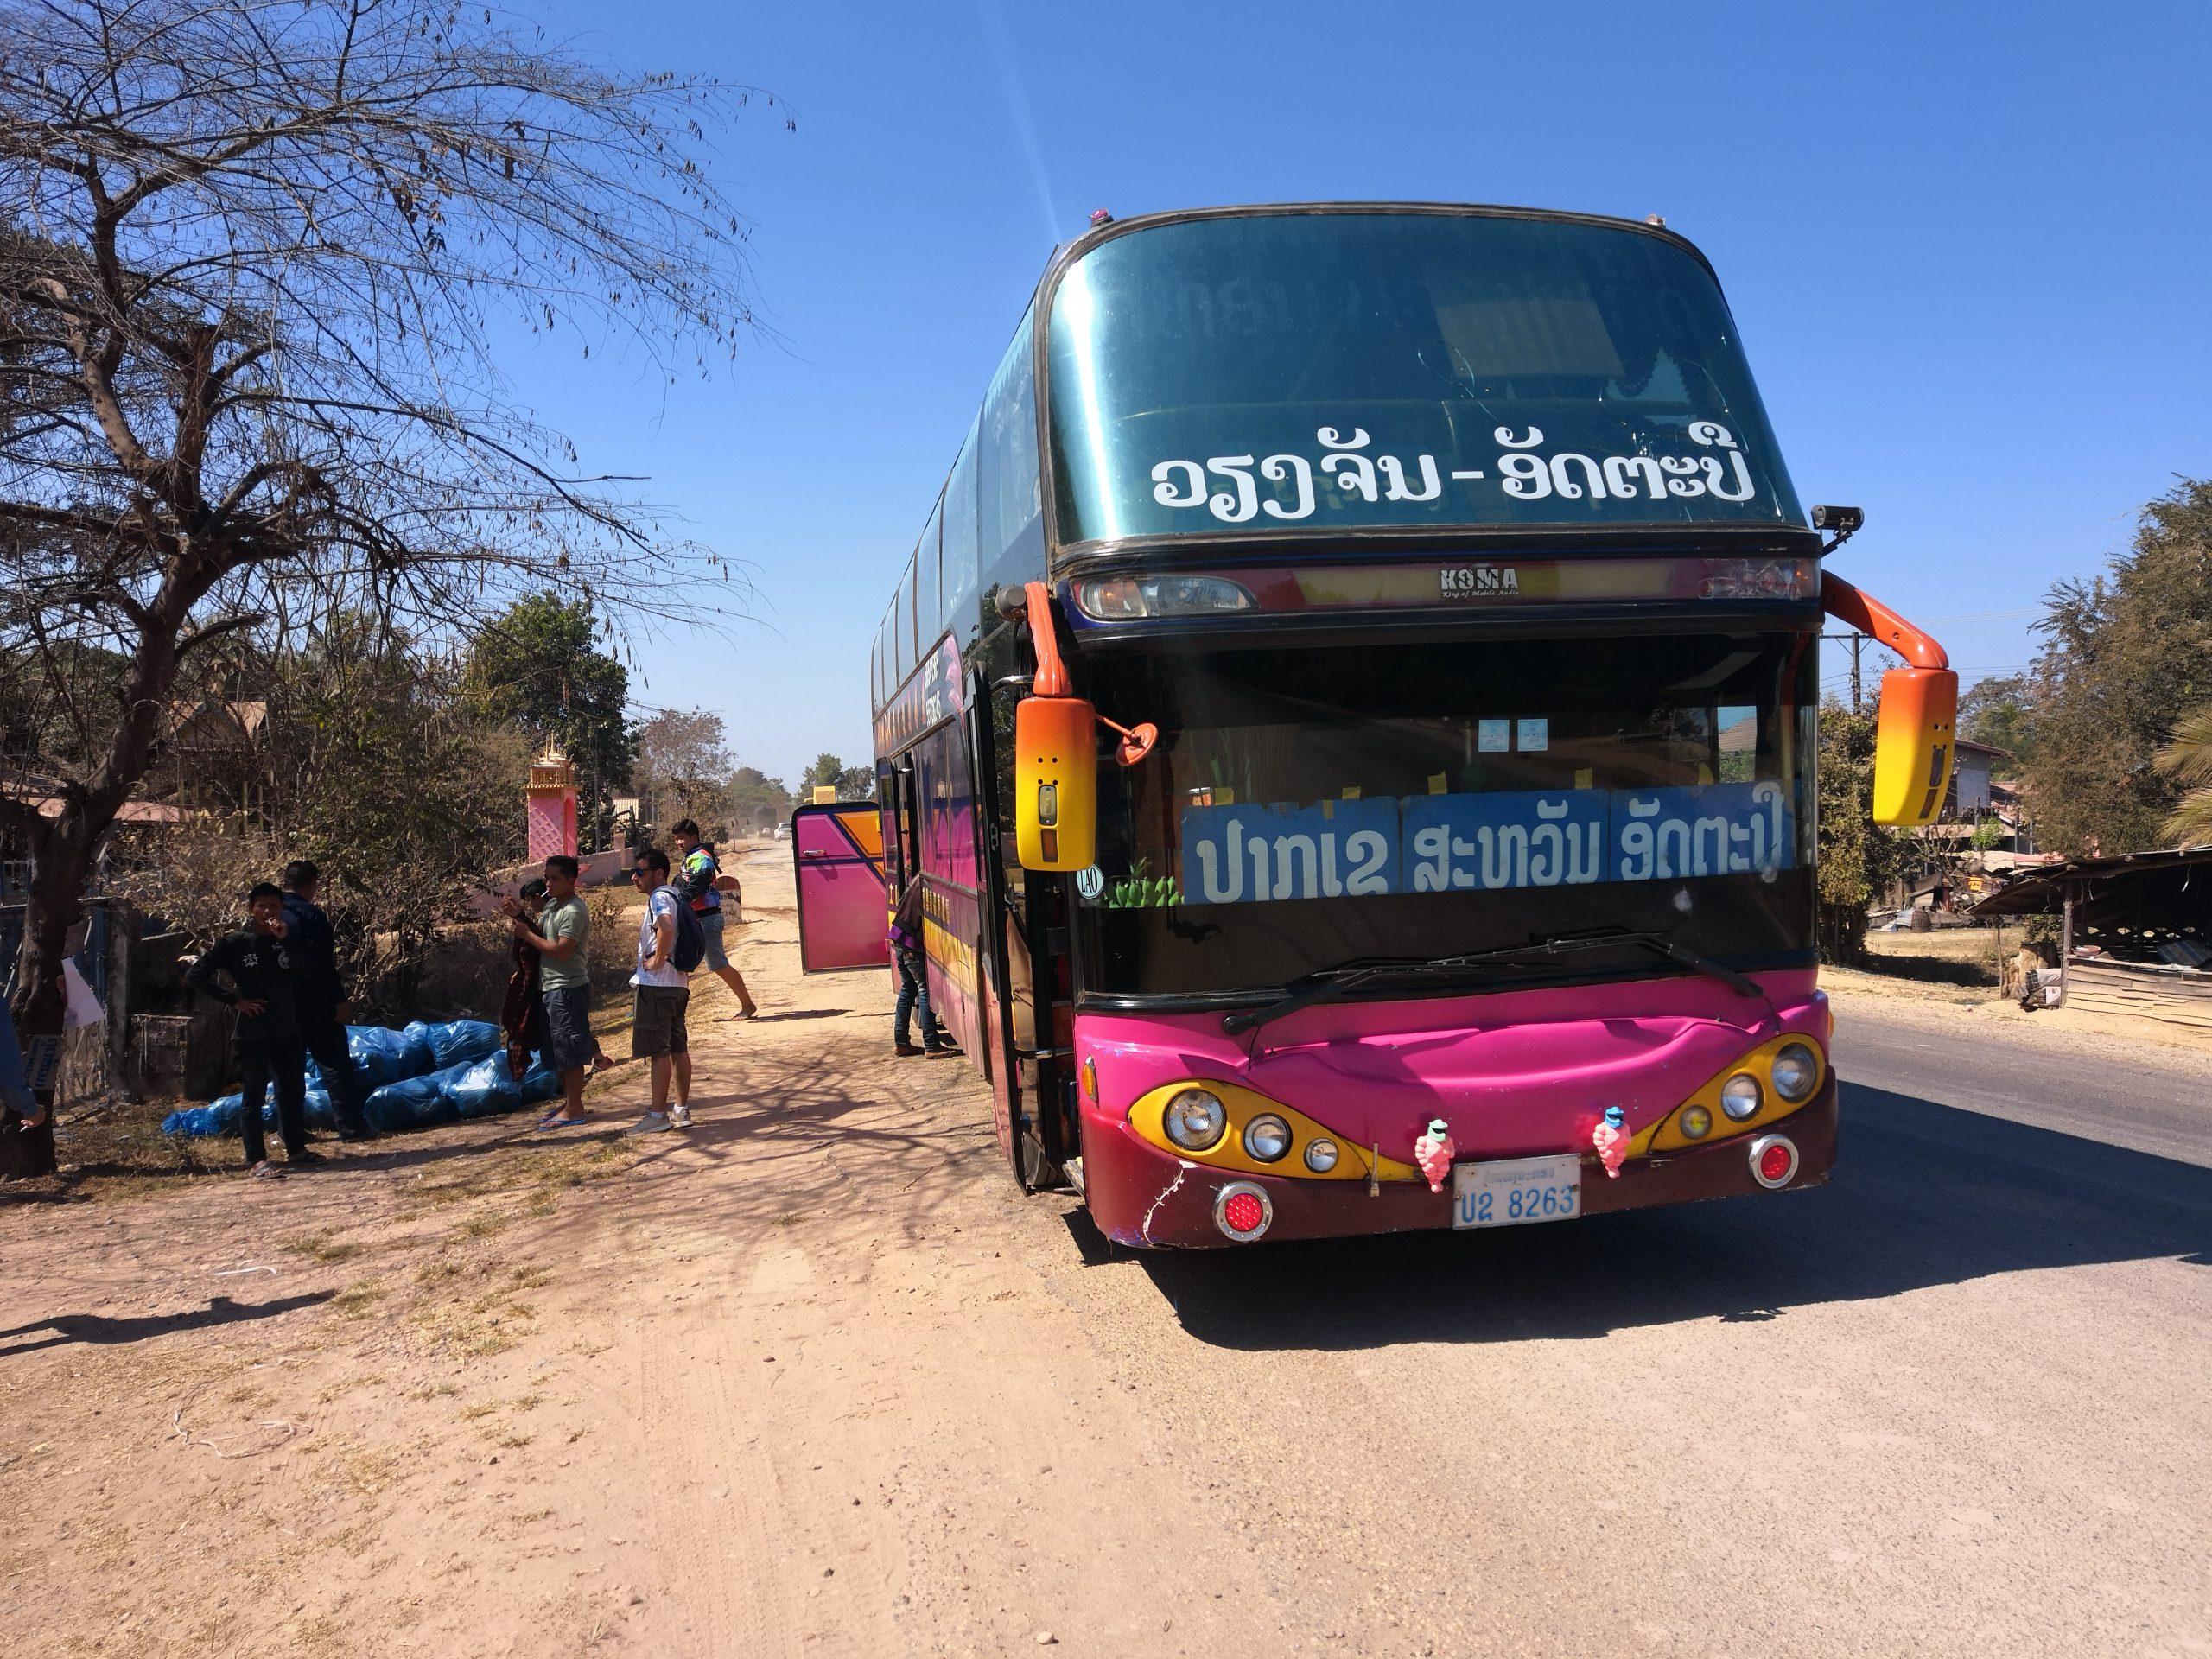 Bus turistico: In un viaggio in Laos zaino in spalla capita anche di dover prendere bus non proprio GranTurismo